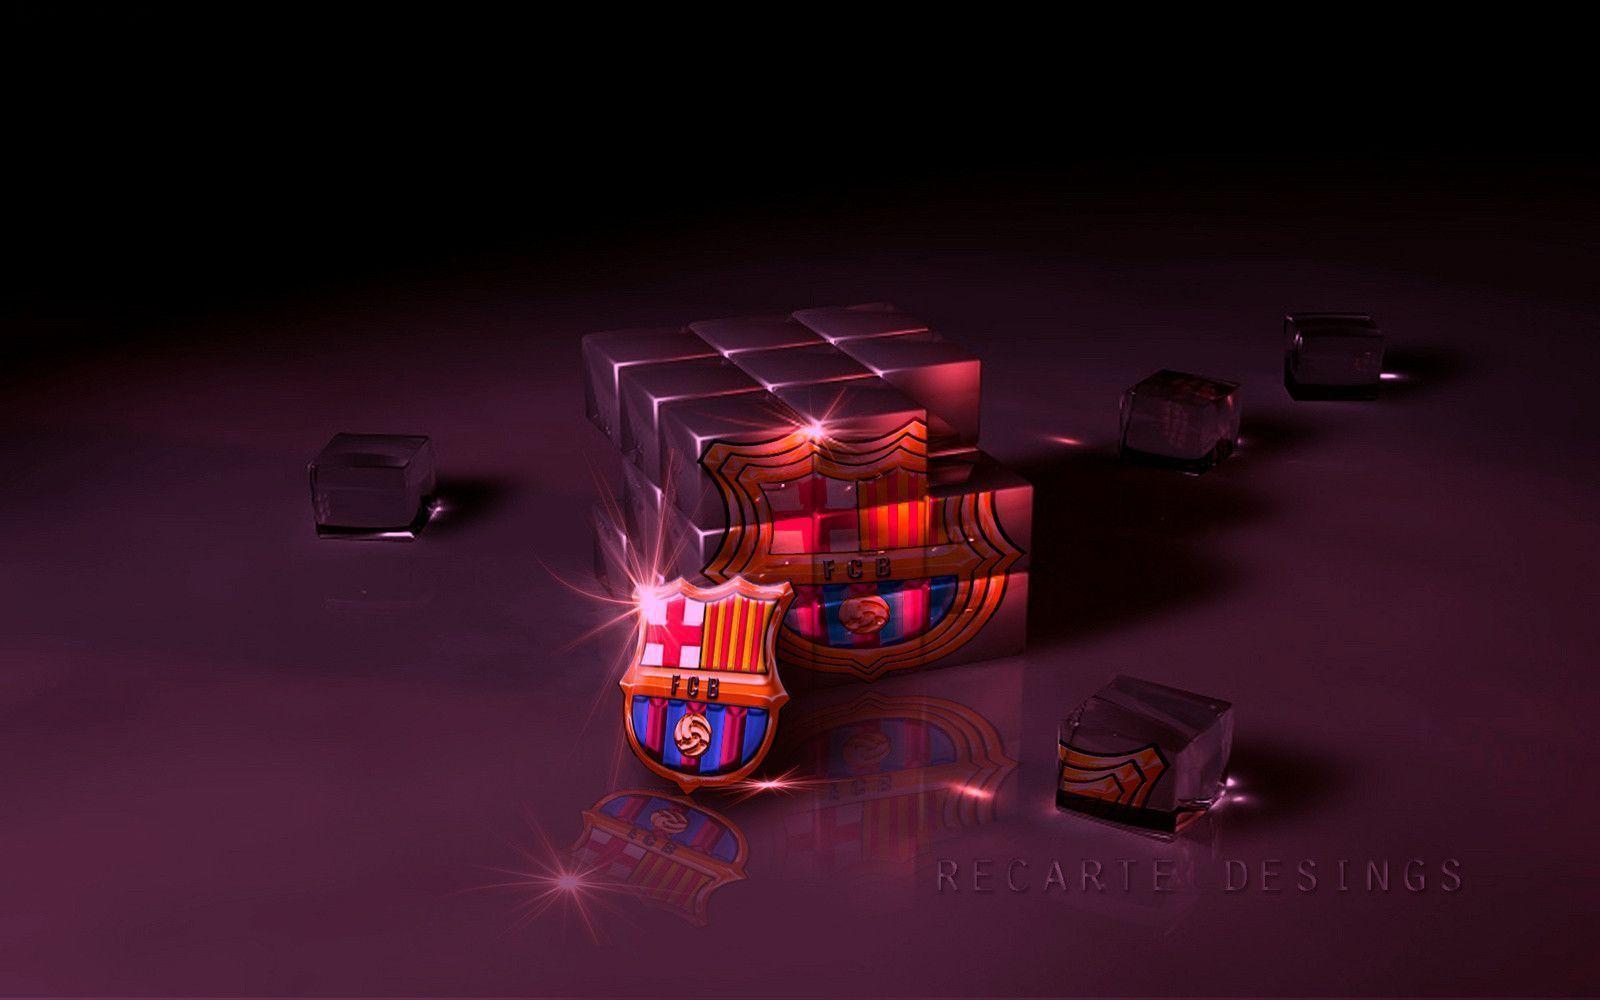 barcelona wallpaper cubes 1600×1000 - High Definition Wallpaper ...